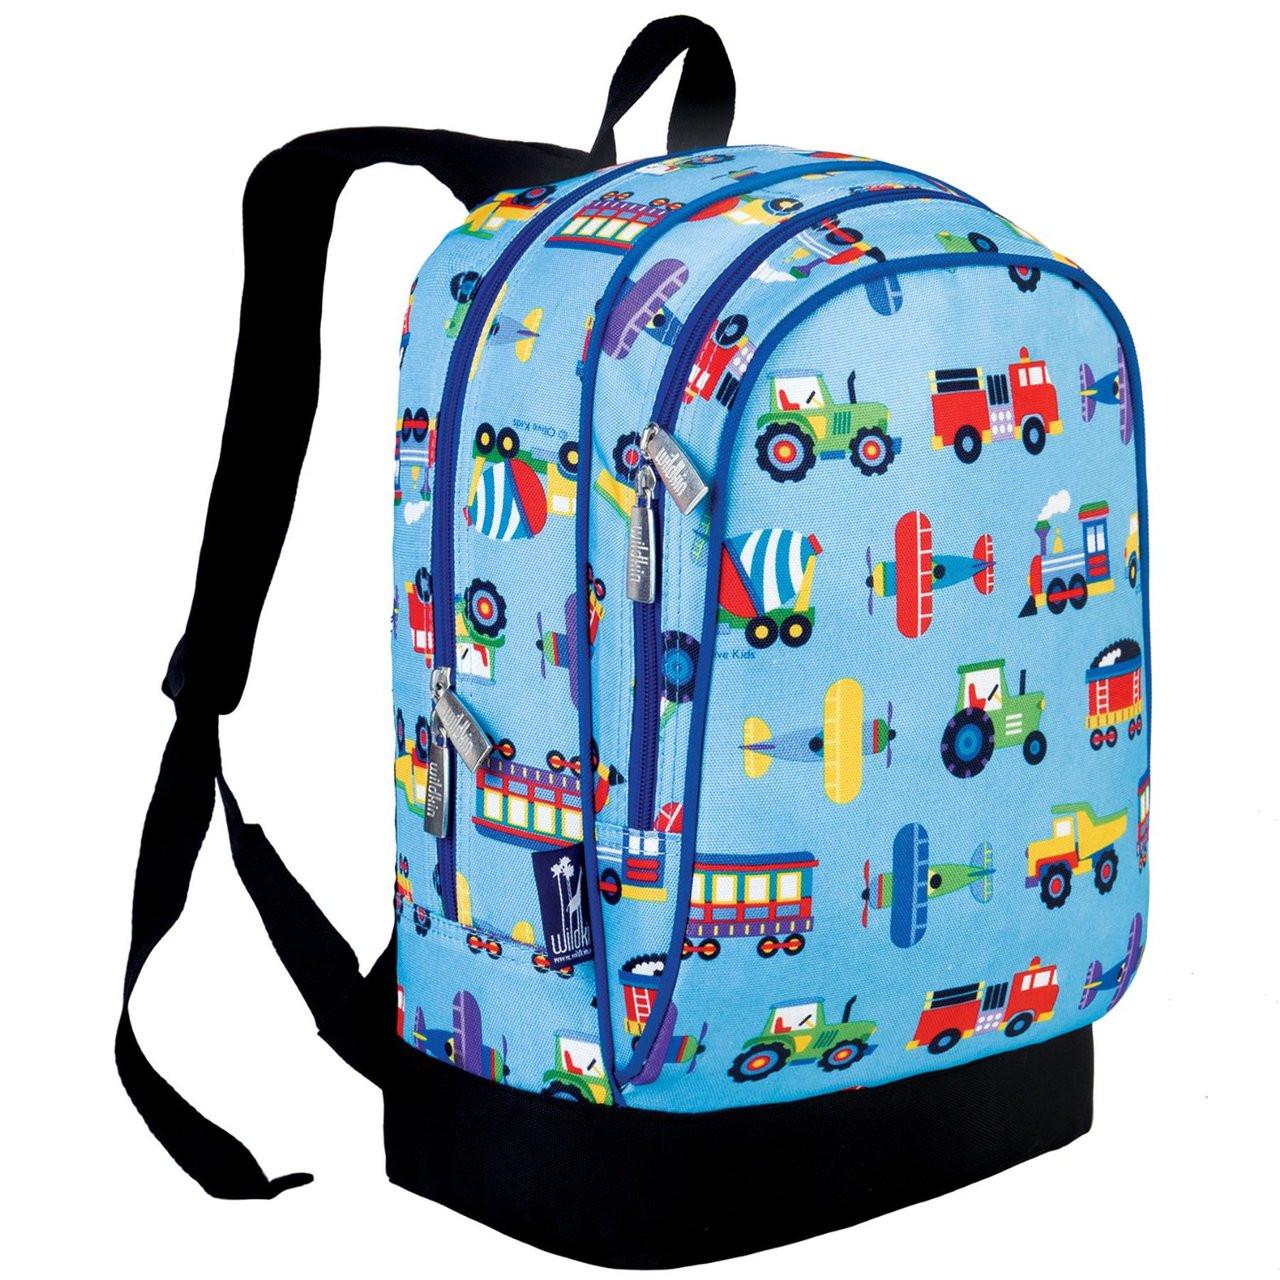 54eff2a9cf6f Wildkin Kids Backpack - Transport